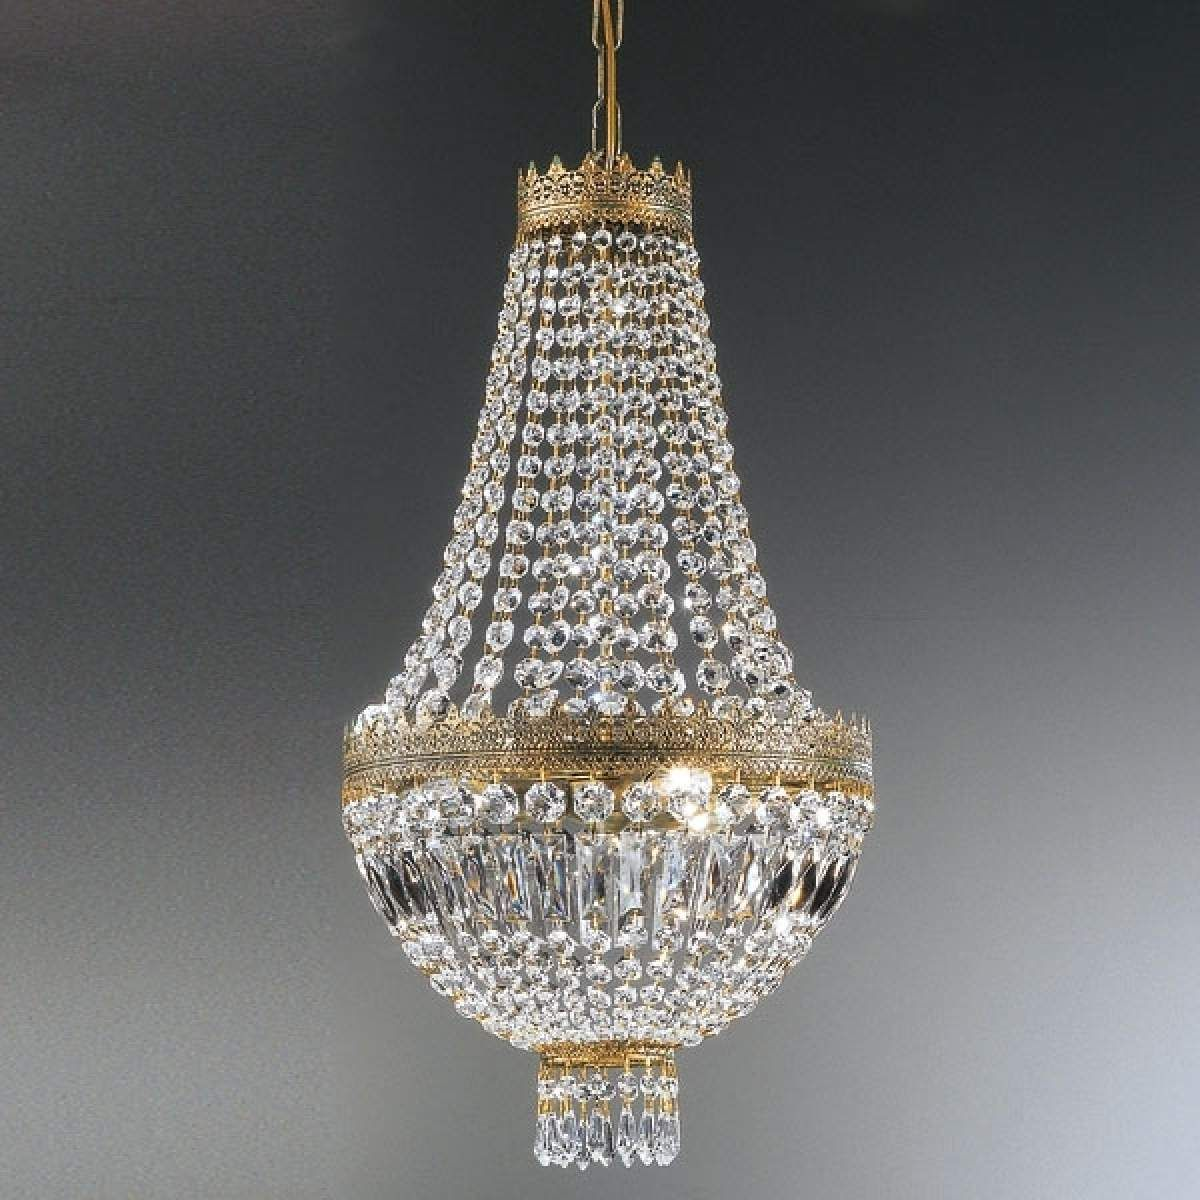 Kristall Hangeleuchte Cupola Hangeleuchte Holz Hangelampe Kupfer Und Kristall Lampe